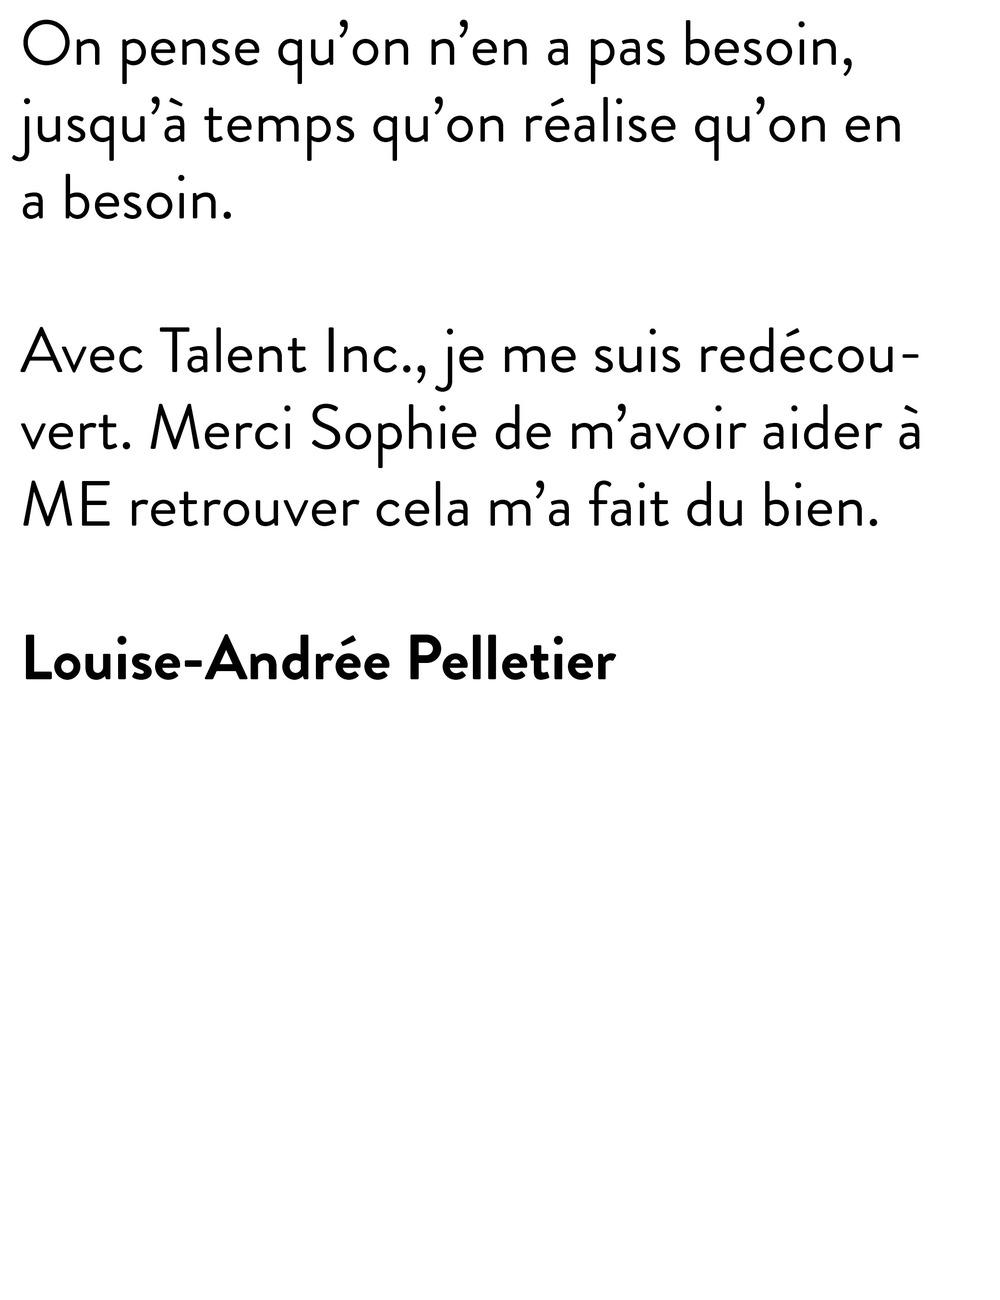 Louise_Andree_Pelletier_.jpg